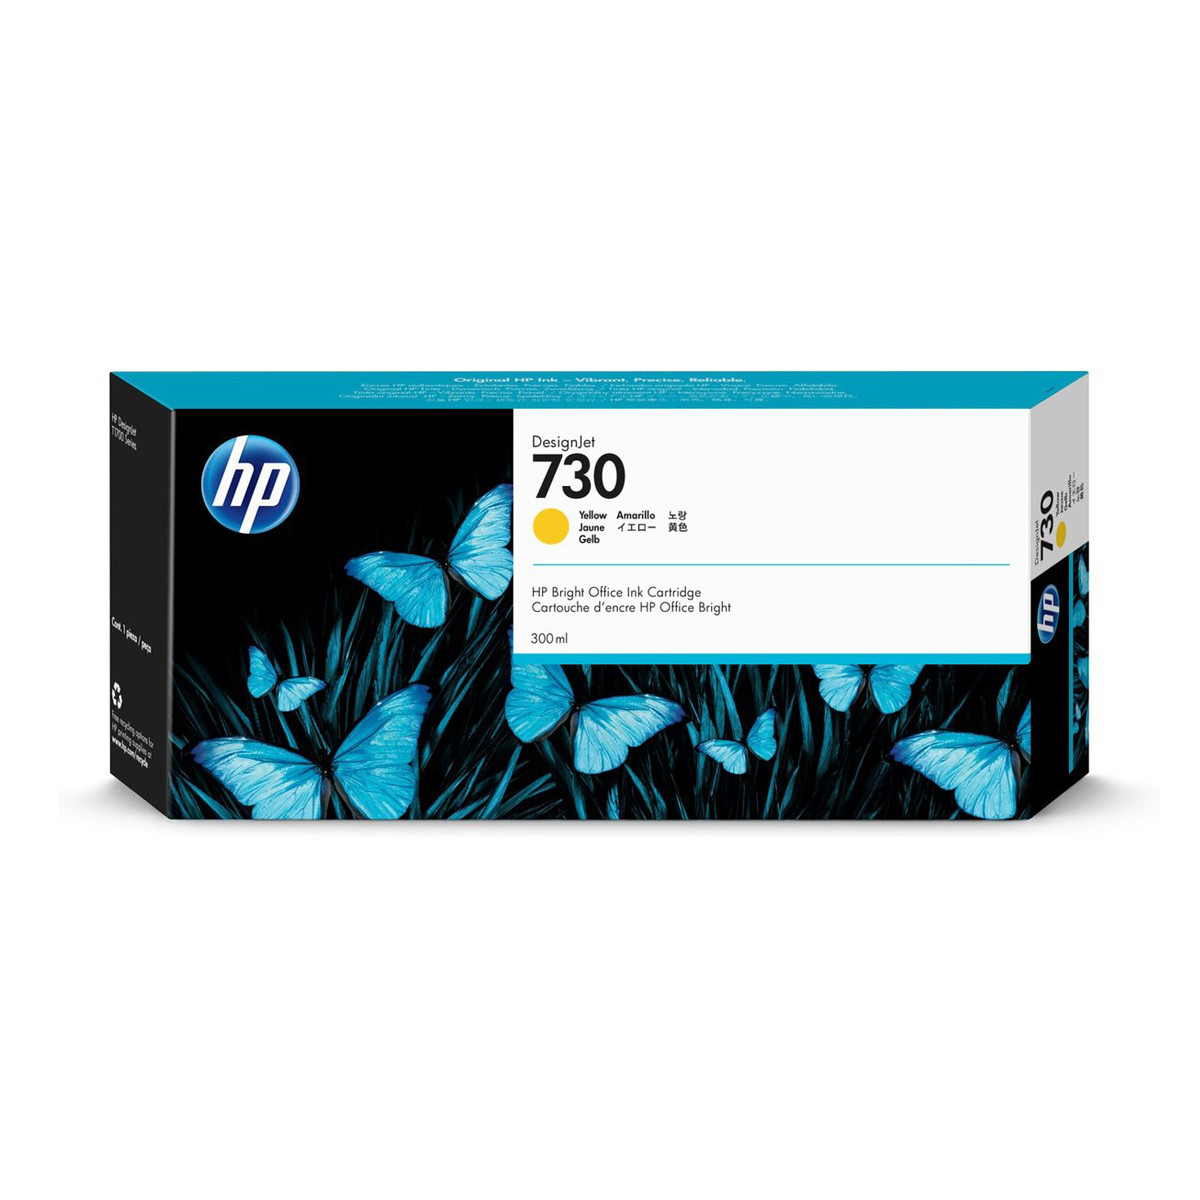 Cartucho de Tinta HP 730 Amarelo P2V70A   Plotter HP T1600 T1700   Original 300ml